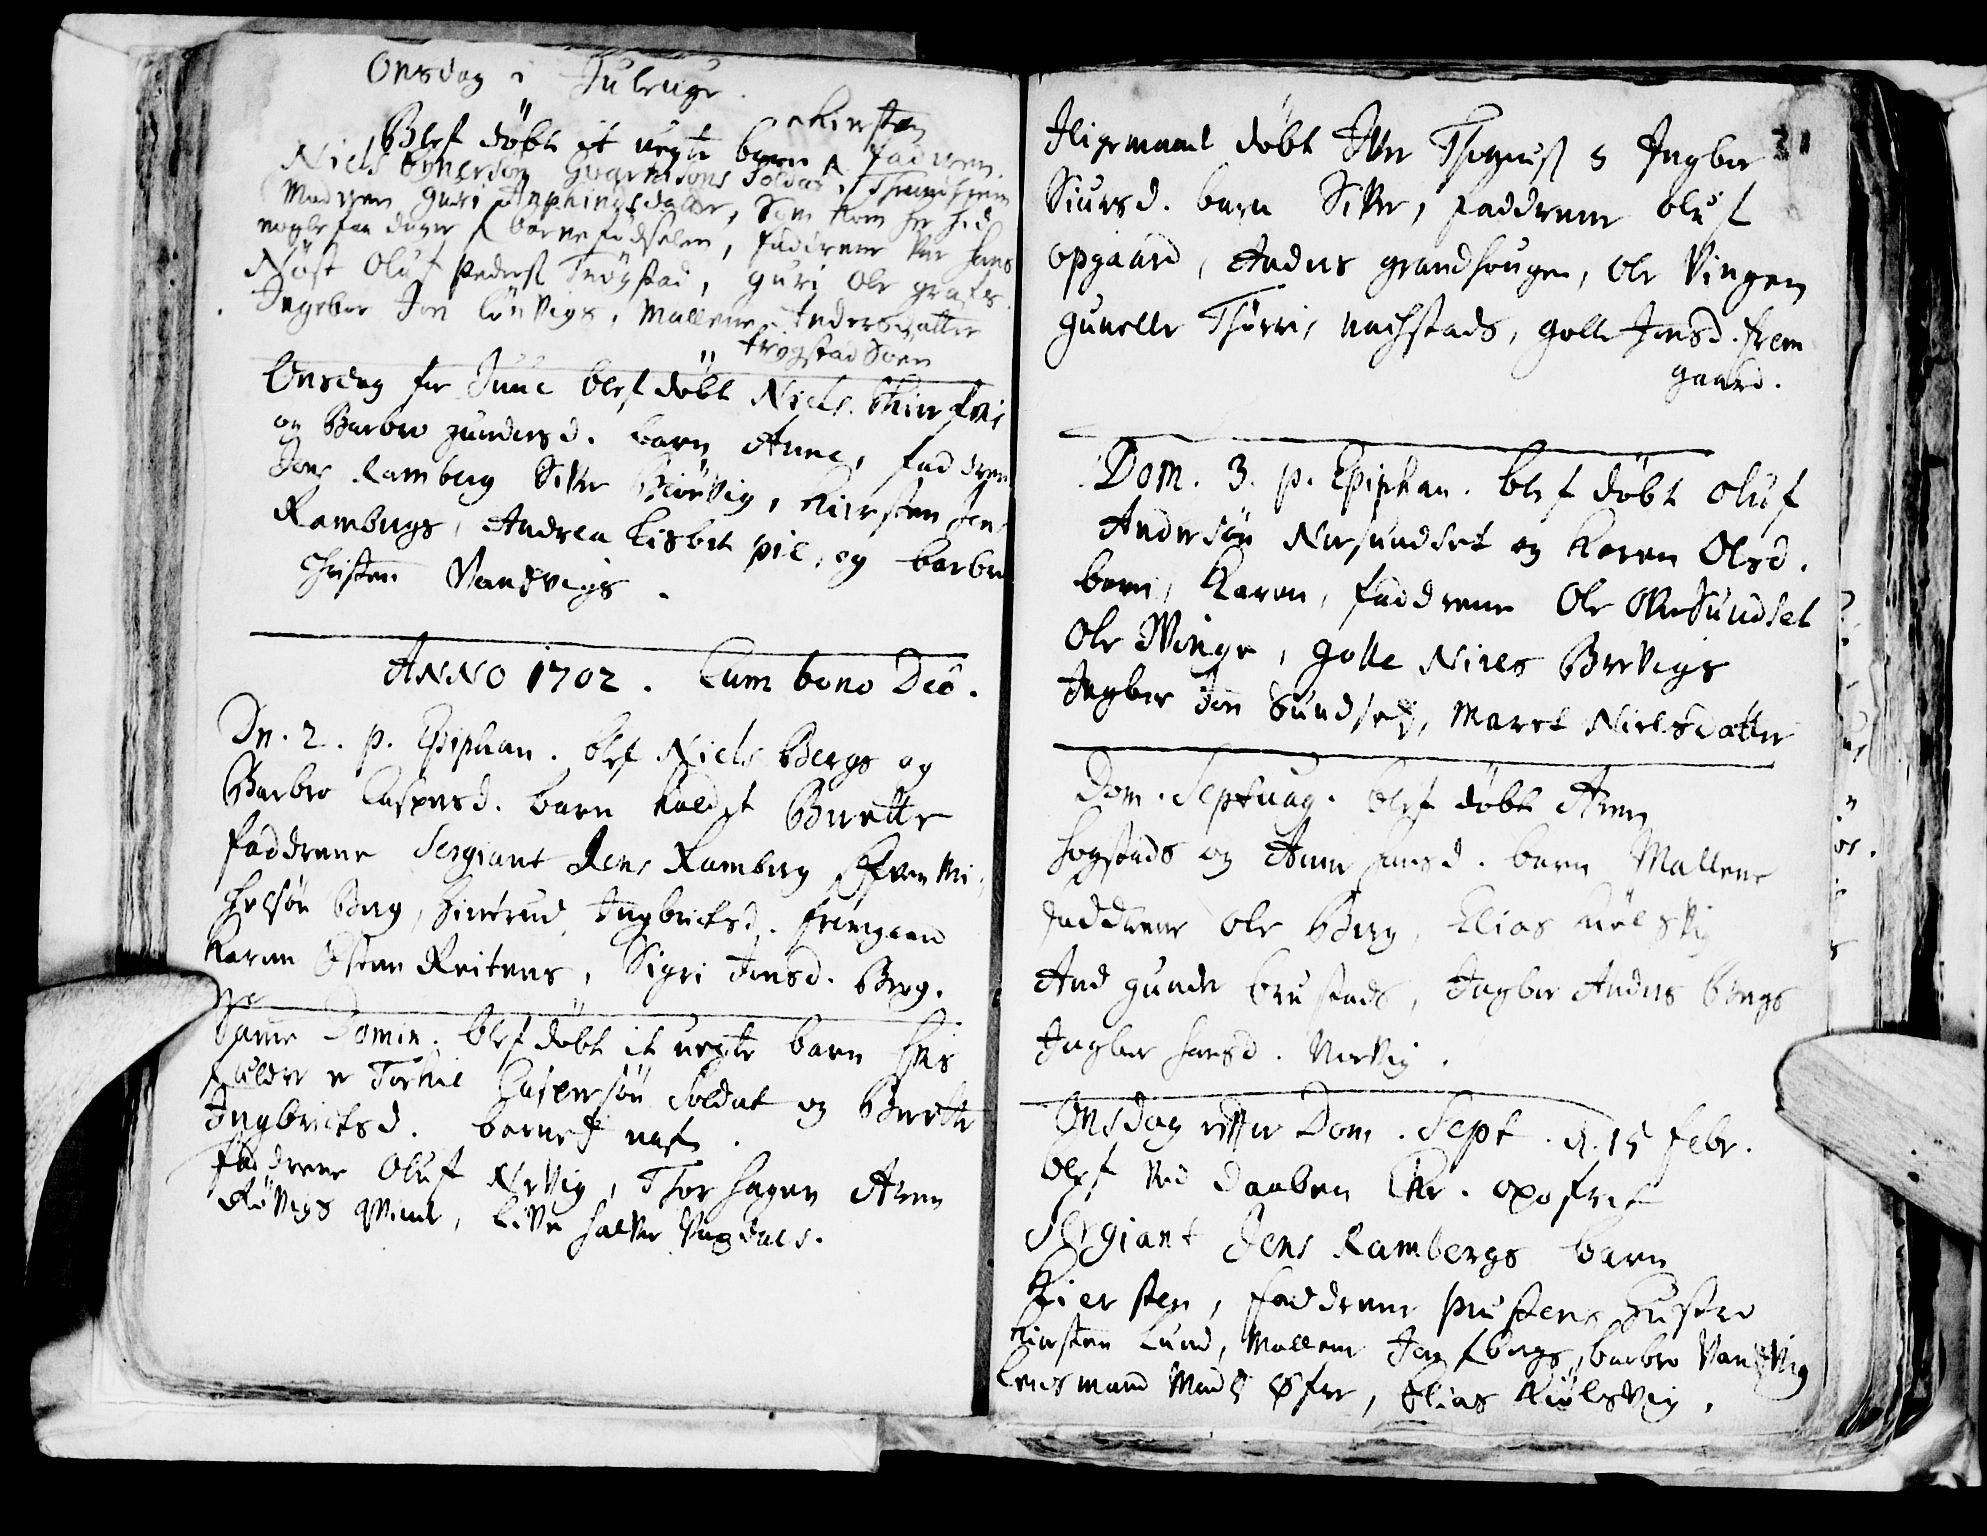 SAT, Ministerialprotokoller, klokkerbøker og fødselsregistre - Nord-Trøndelag, 722/L0214: Ministerialbok nr. 722A01, 1692-1718, s. 31